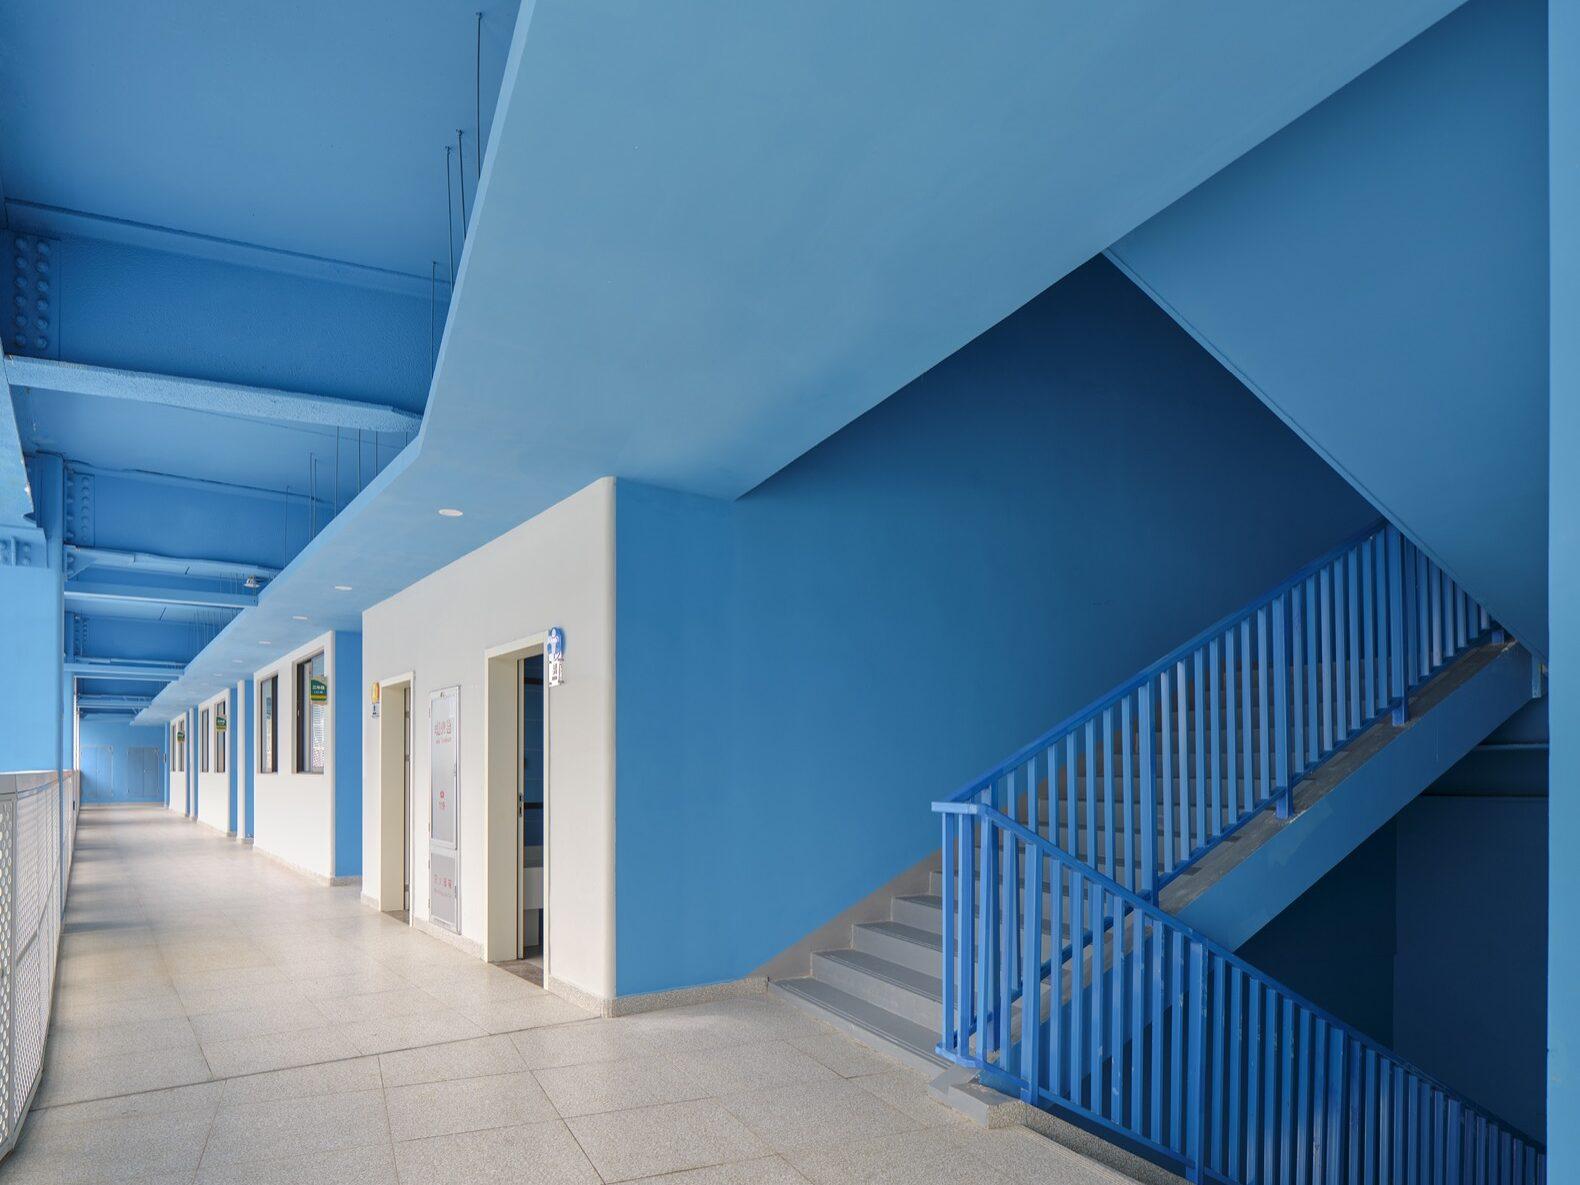 couloir intérieur d'une école aux murs et plafonds bleus